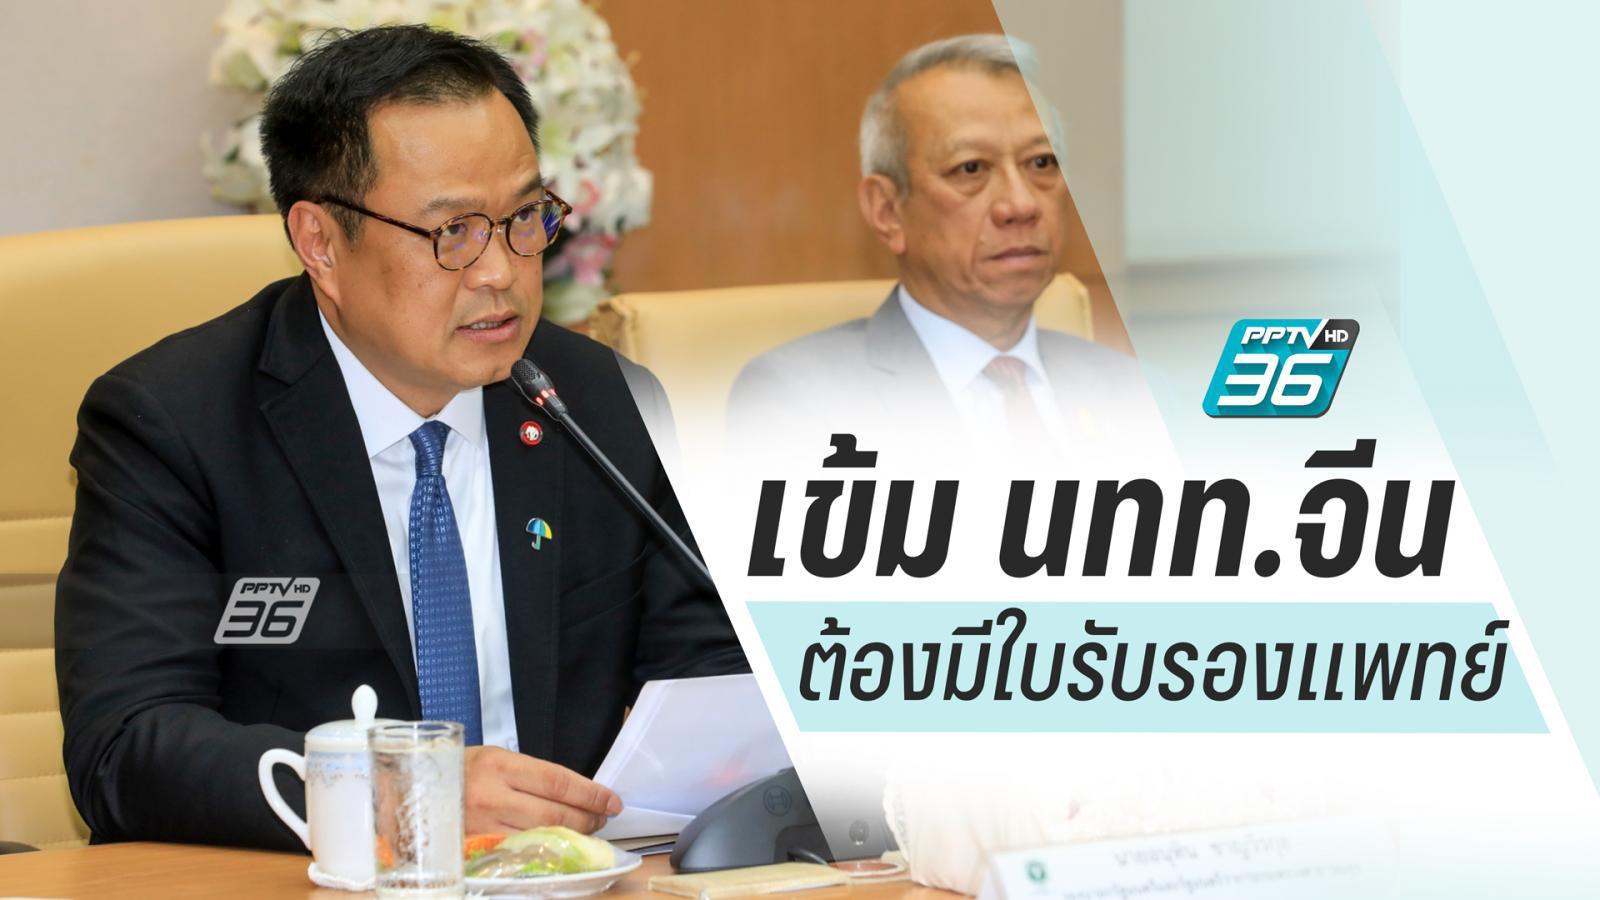 """ไวรัสโคโรนา: """"อนุทิน"""" ลั่นเดินหน้าจัดบัญชีข้อมูลนักท่องเที่ยวจีน เข้าไทยต้องมีใบรับรองแพทย์!"""